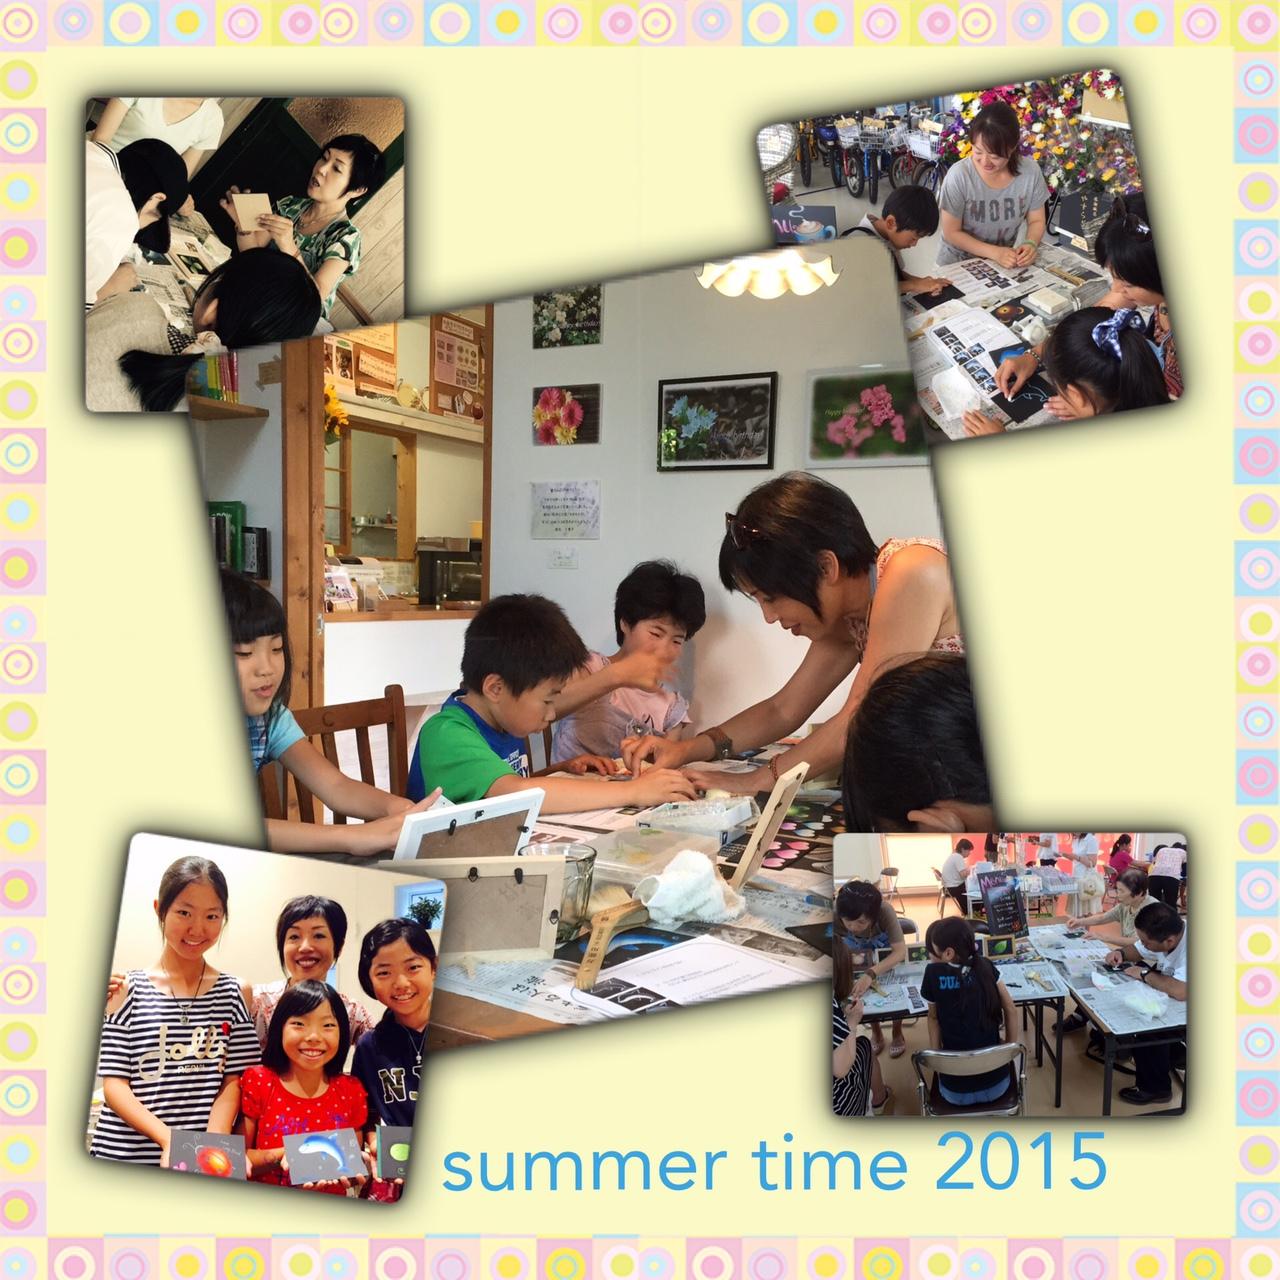 summer2015.jpg